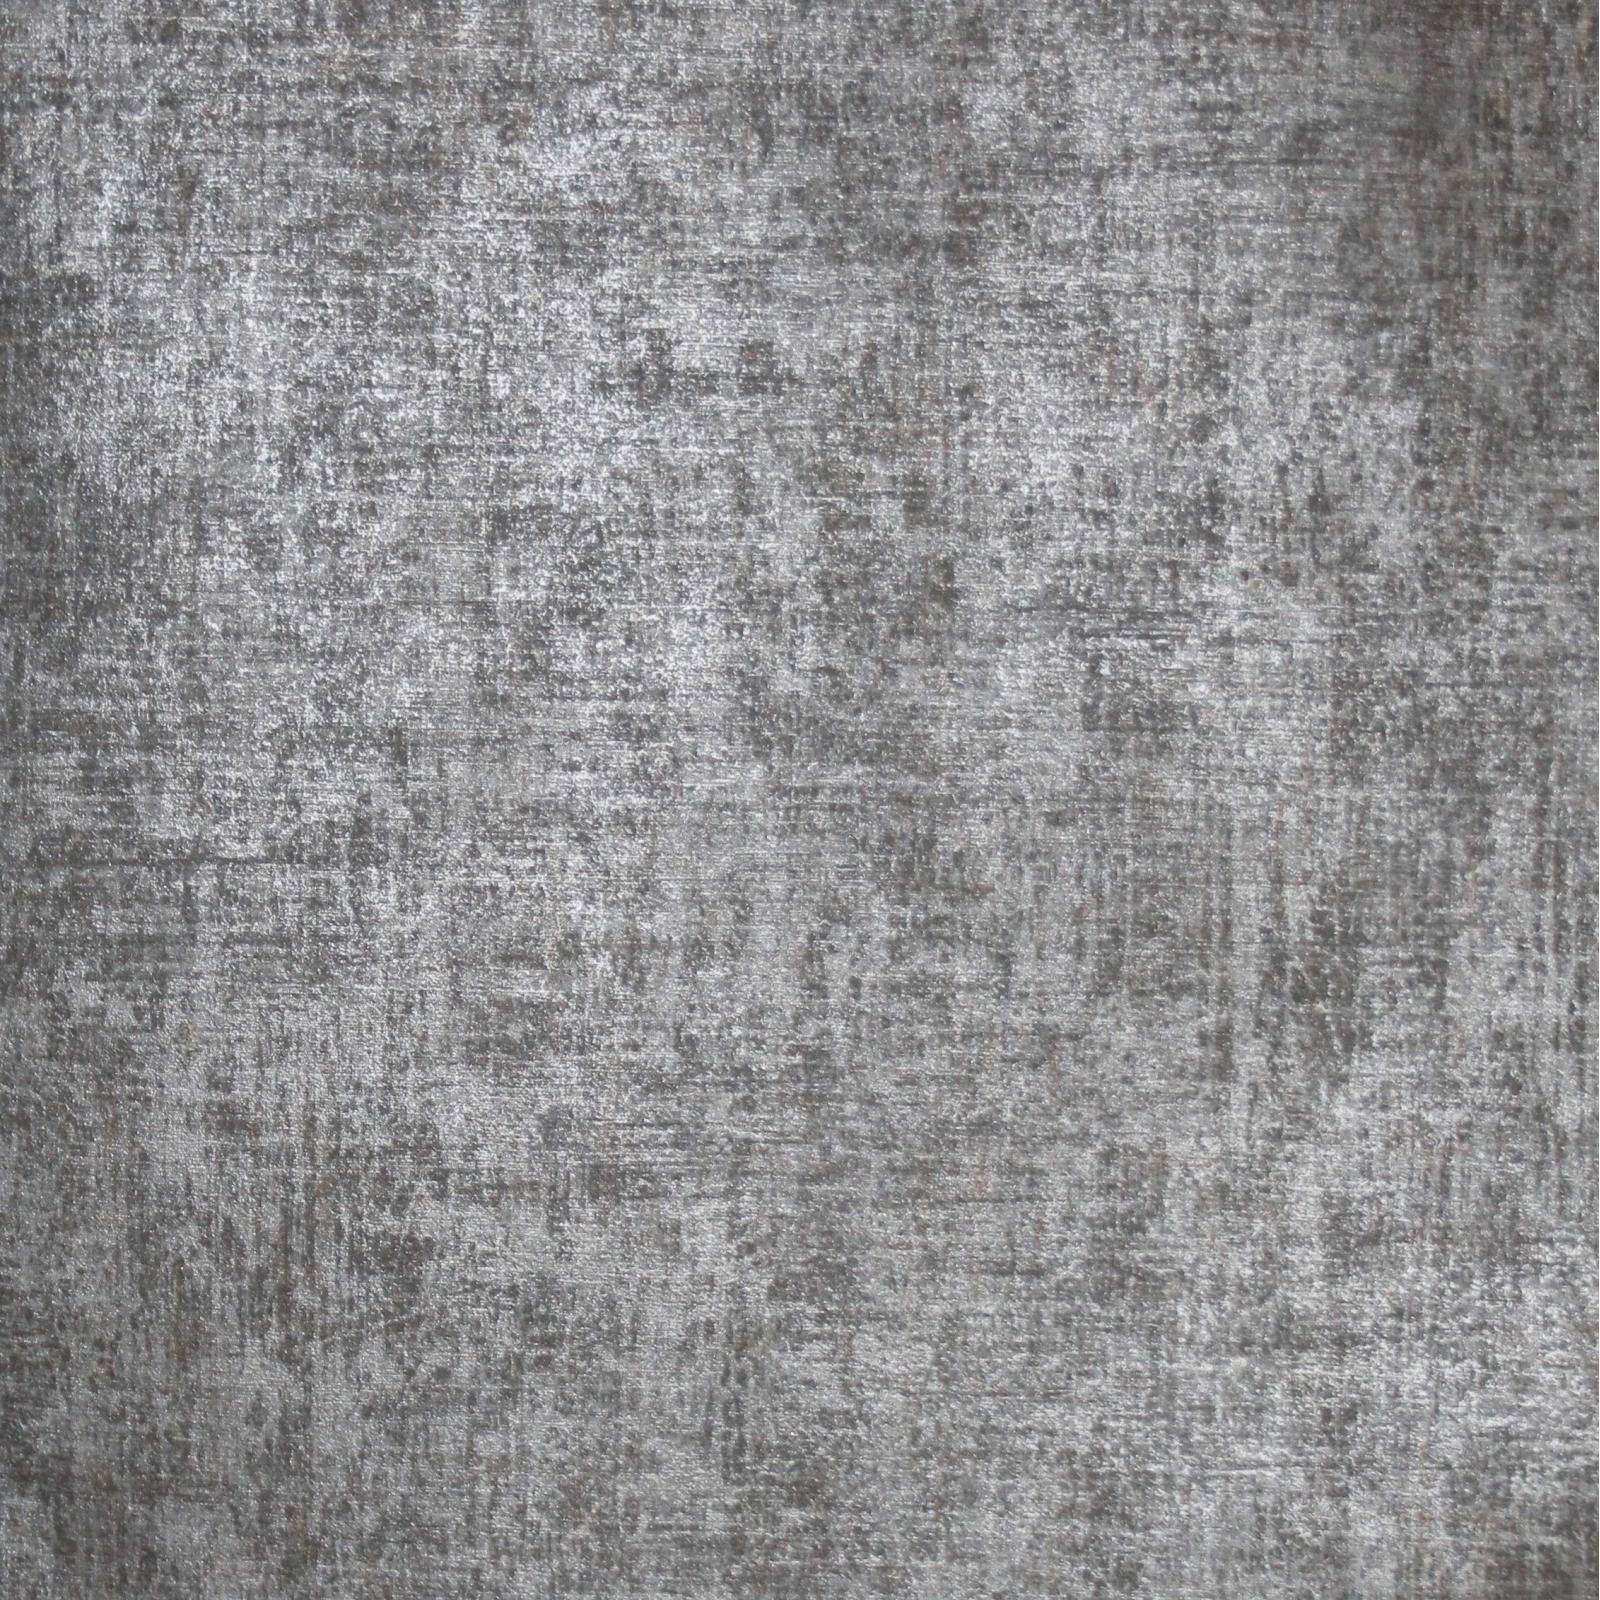 Carta Da Parati Texture carta da parati moderna tipo cemento antracite argento